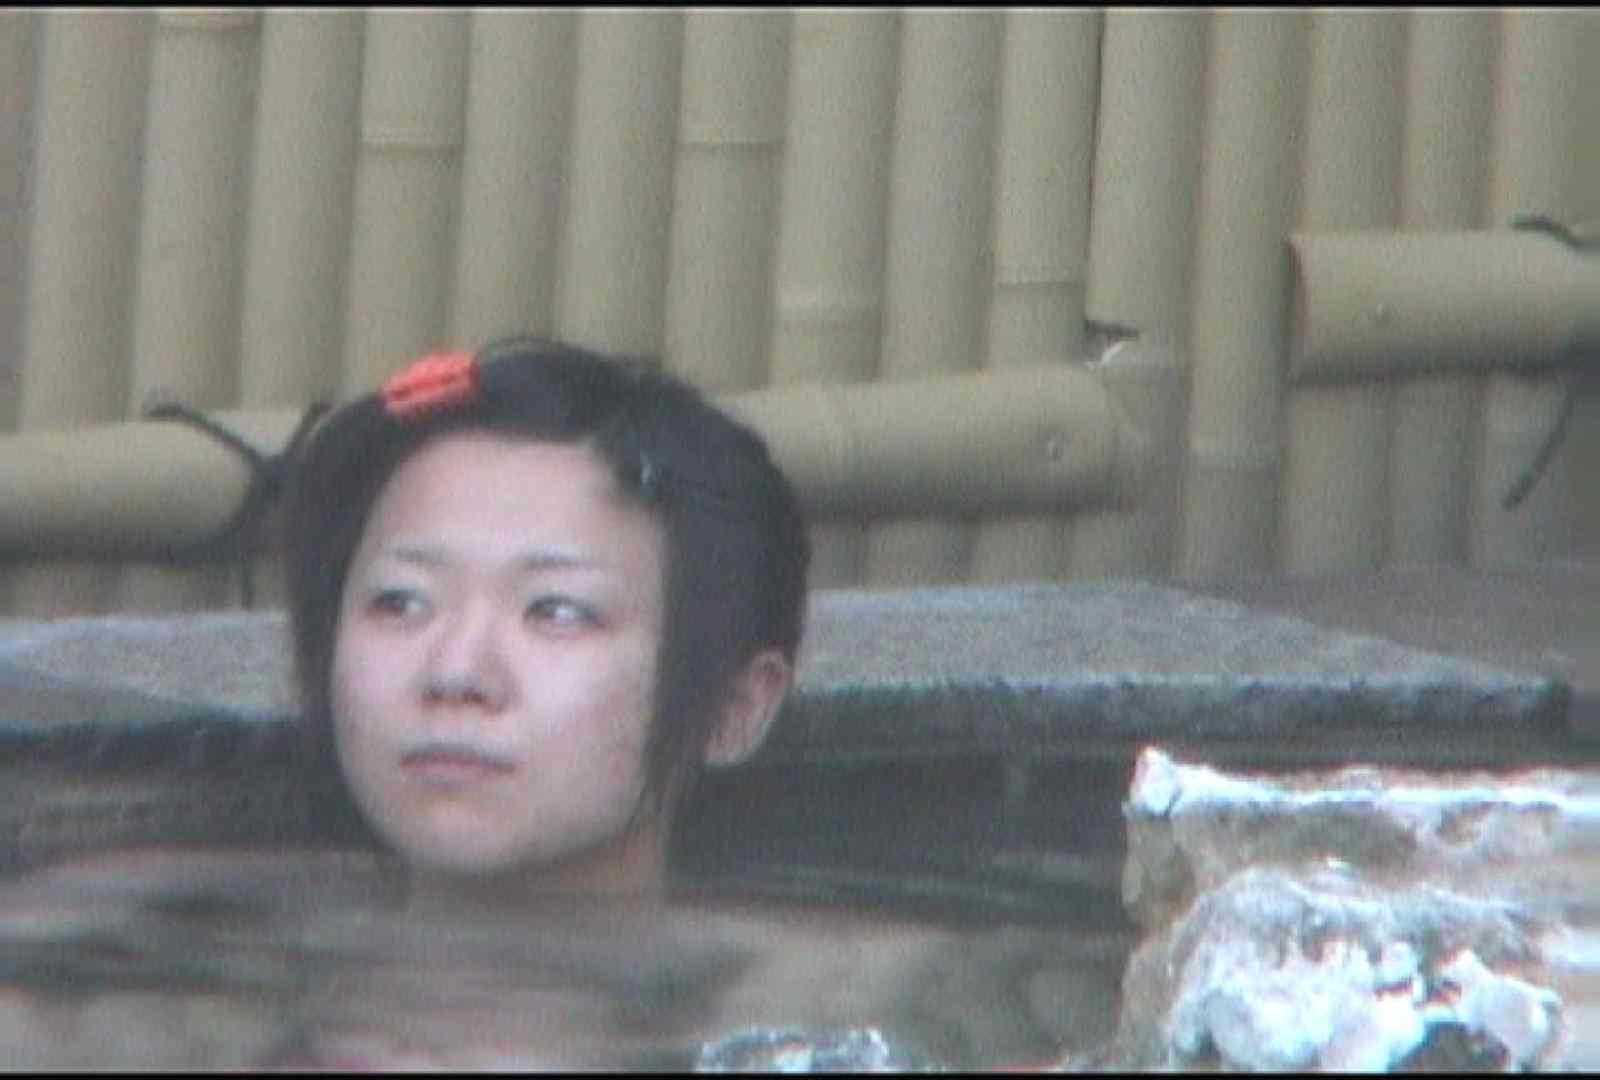 Aquaな露天風呂Vol.175 0  51pic 24